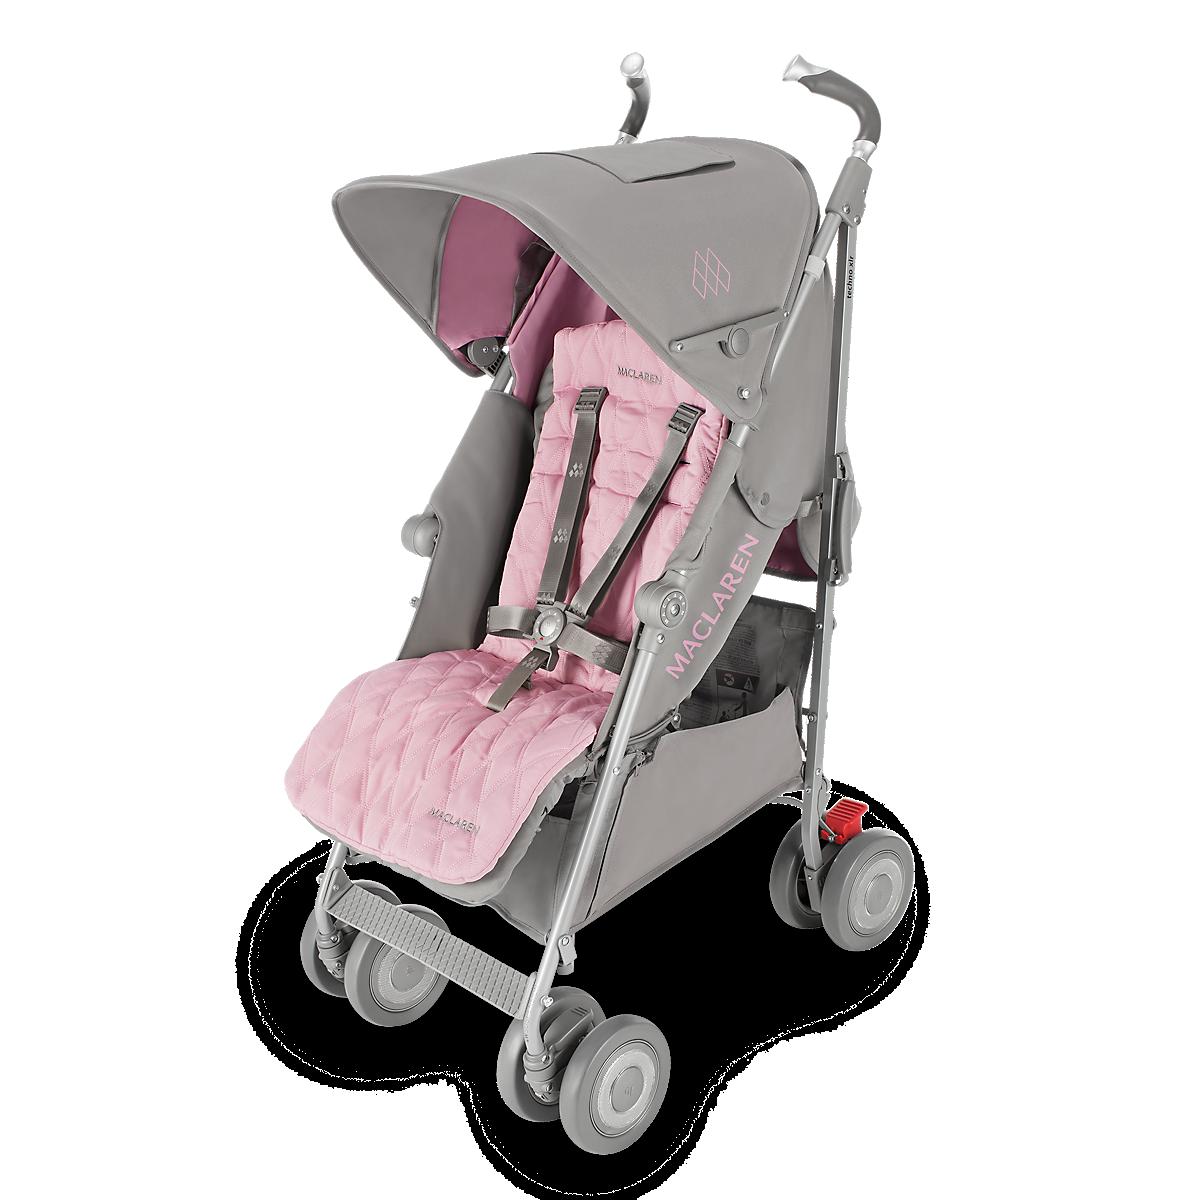 Maclaren Techno XLR Best lightweight stroller, Newborn